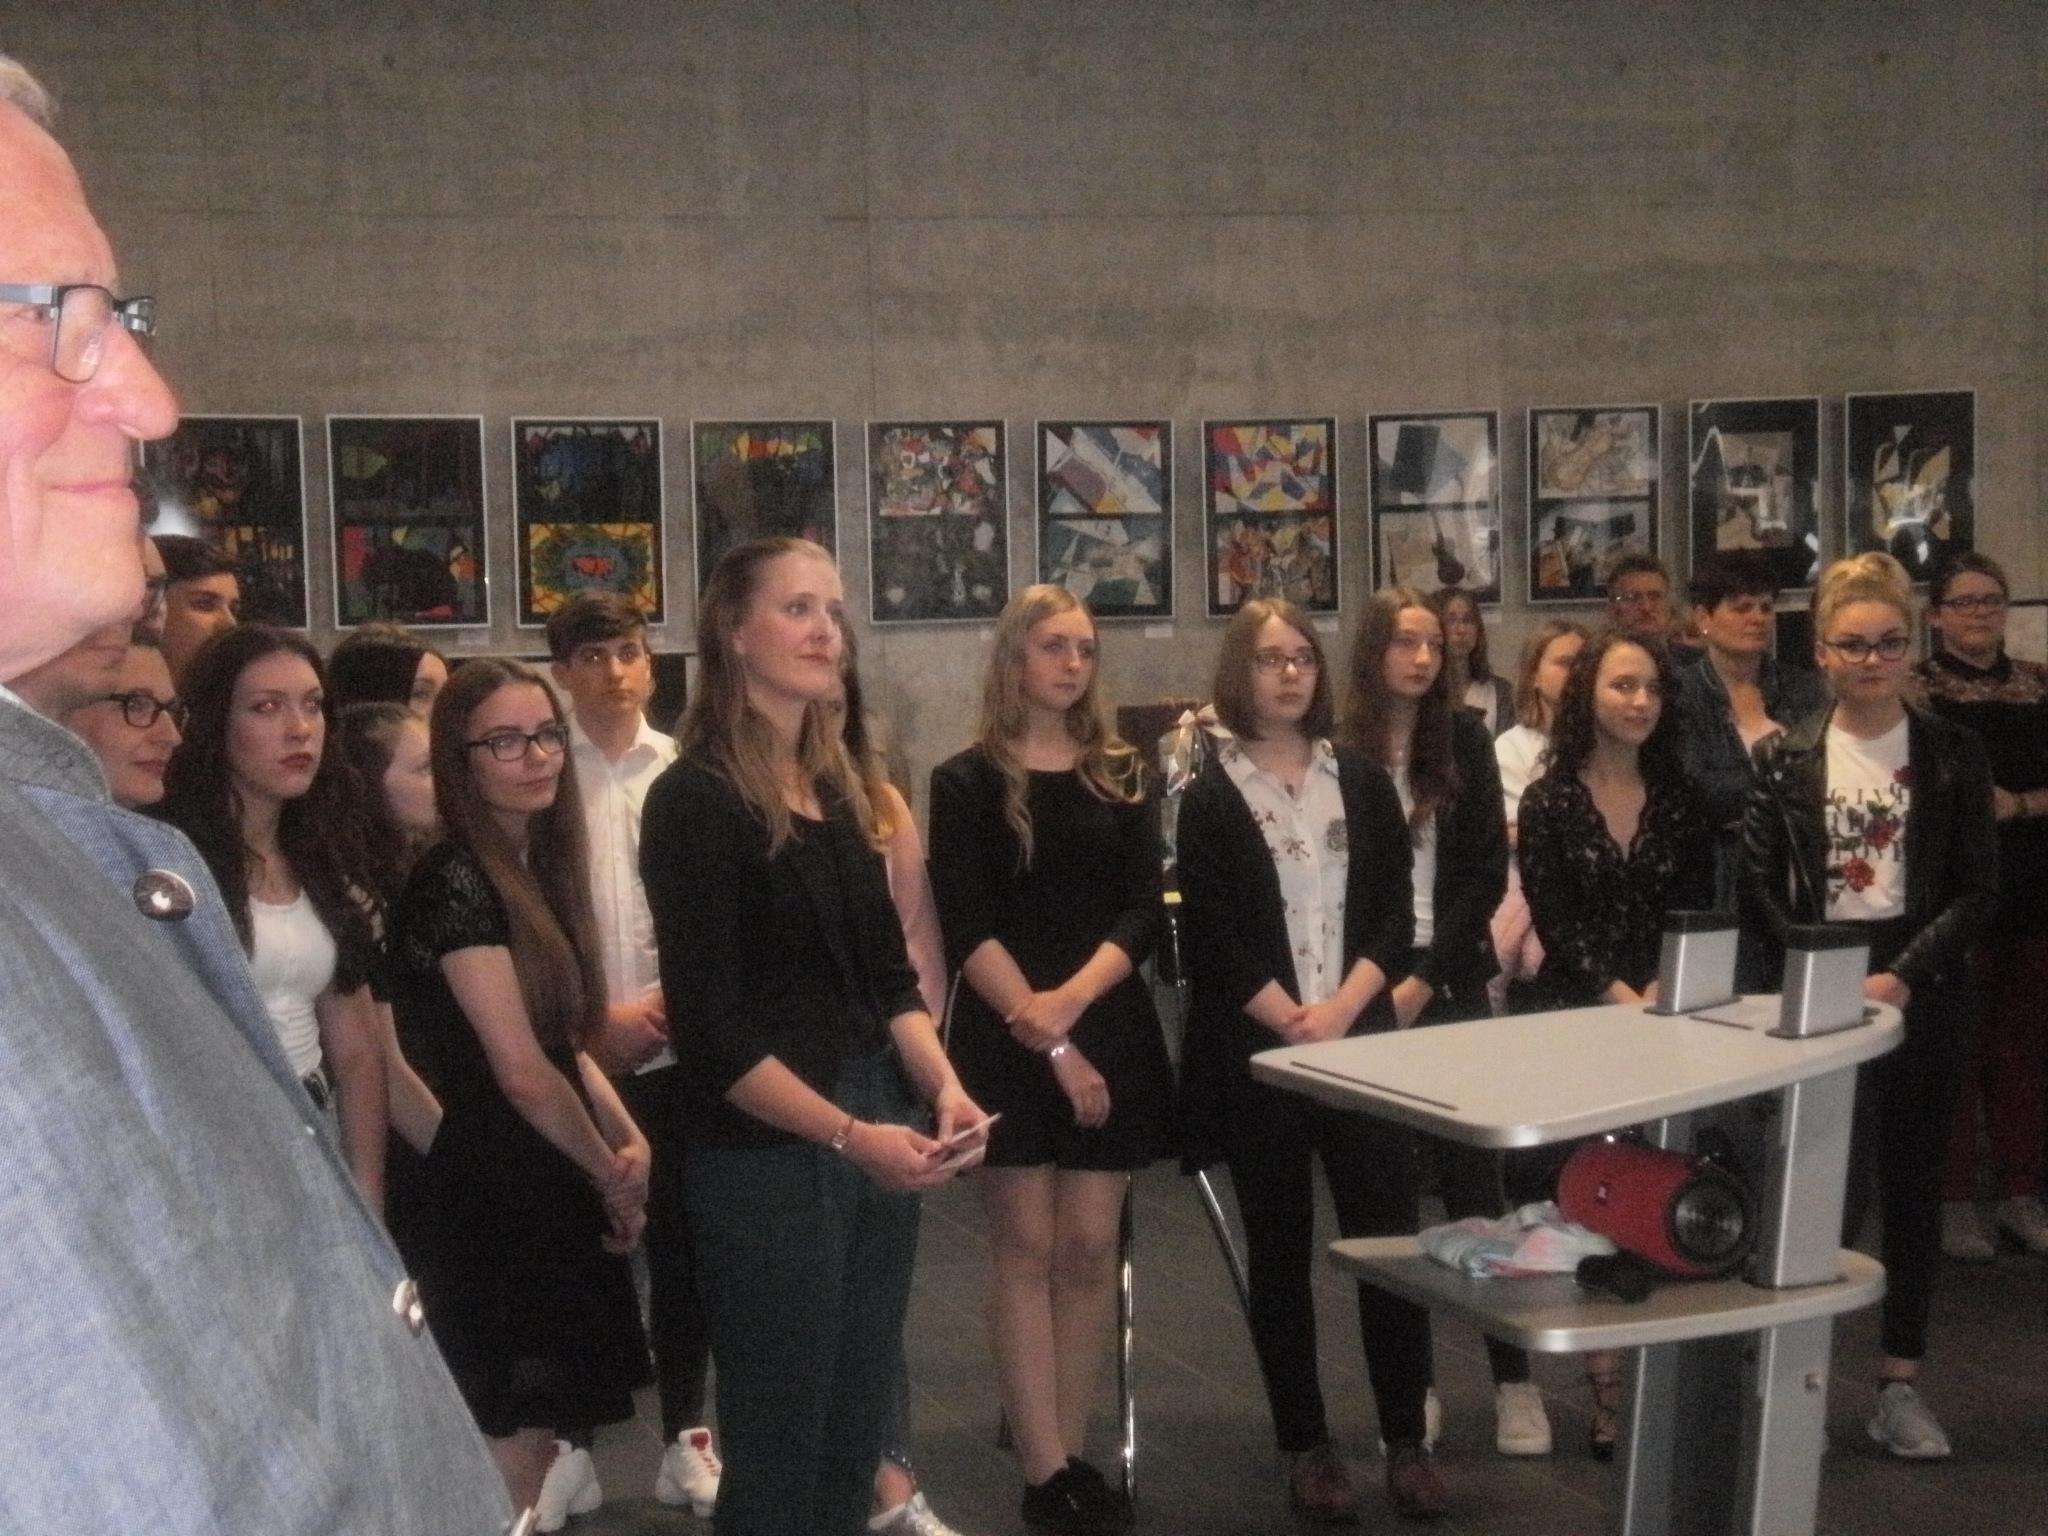 Schülerinnen der Klasse 10d mit ihrer Kunsterzieherin Juli Weigl bei der Vernissage im Hallenfoyer. Tatkräftig unterstützt wurden sie vom Vorsitzenden des Kunstvereins Unverdorben, Peter Wunder (links).